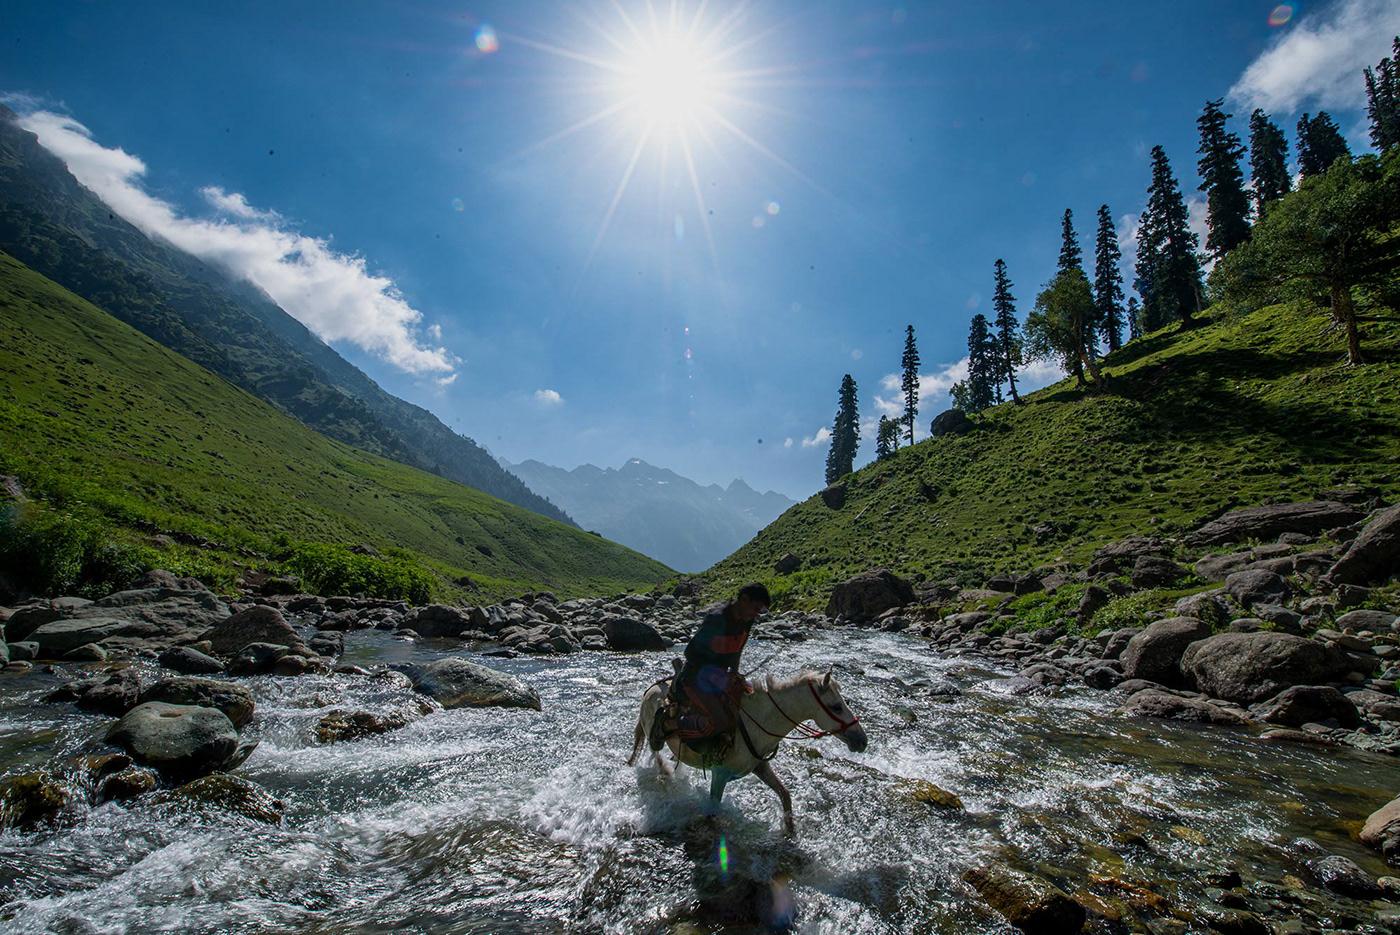 Bakarwal nomad crosses mountain stream on horseback. Kashmir India